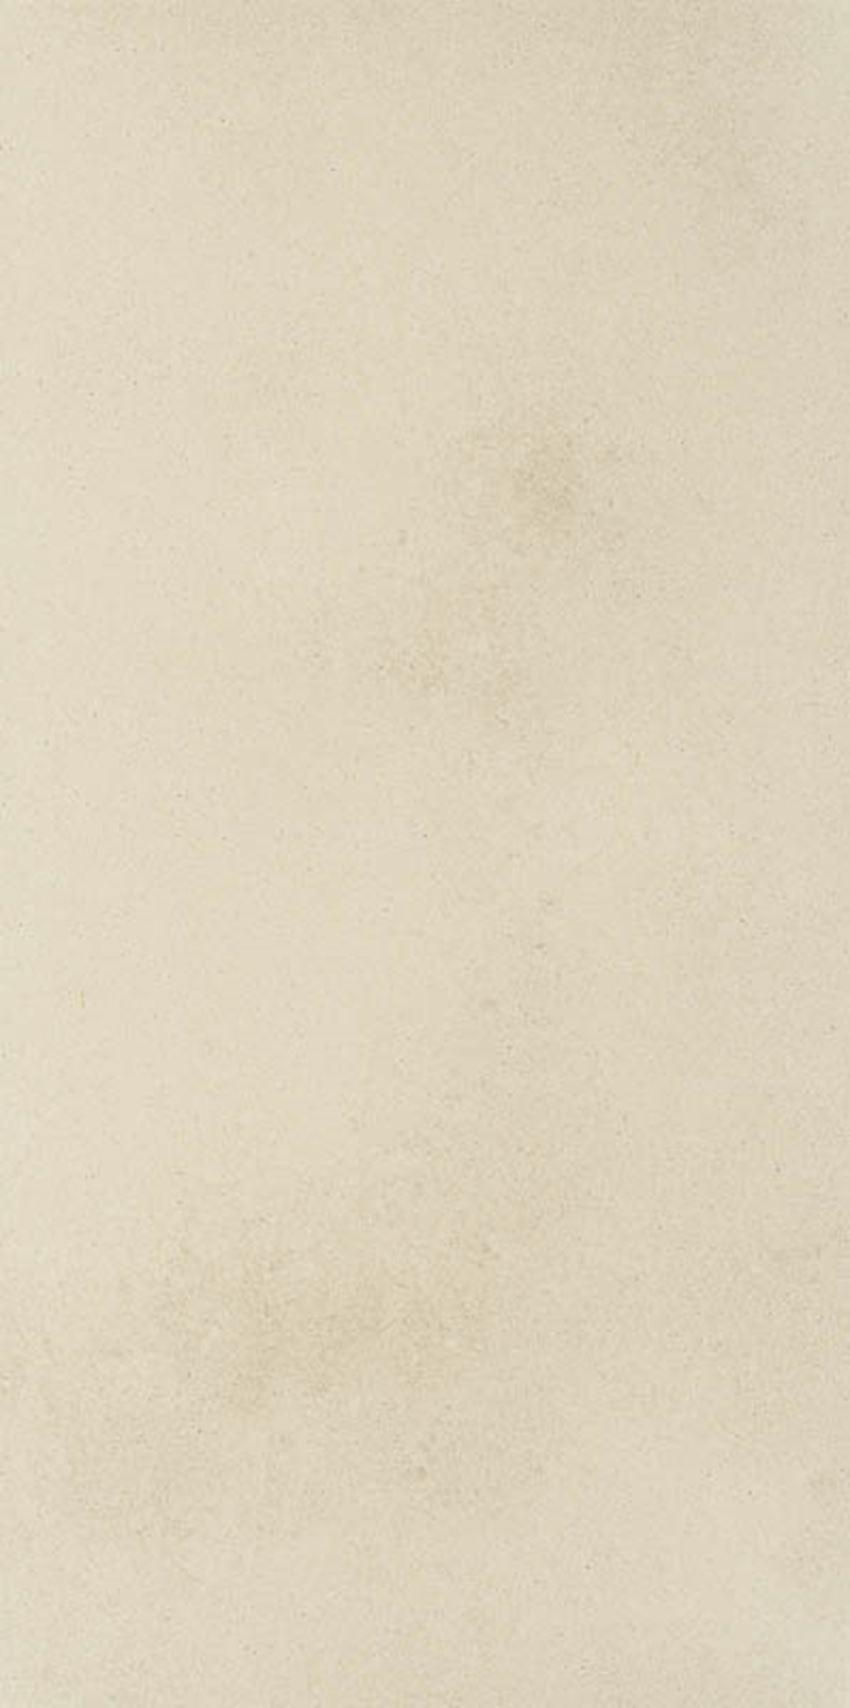 Płytka uniwersalna 29,8x59,8 cm Paradyż Naturstone Beige mat